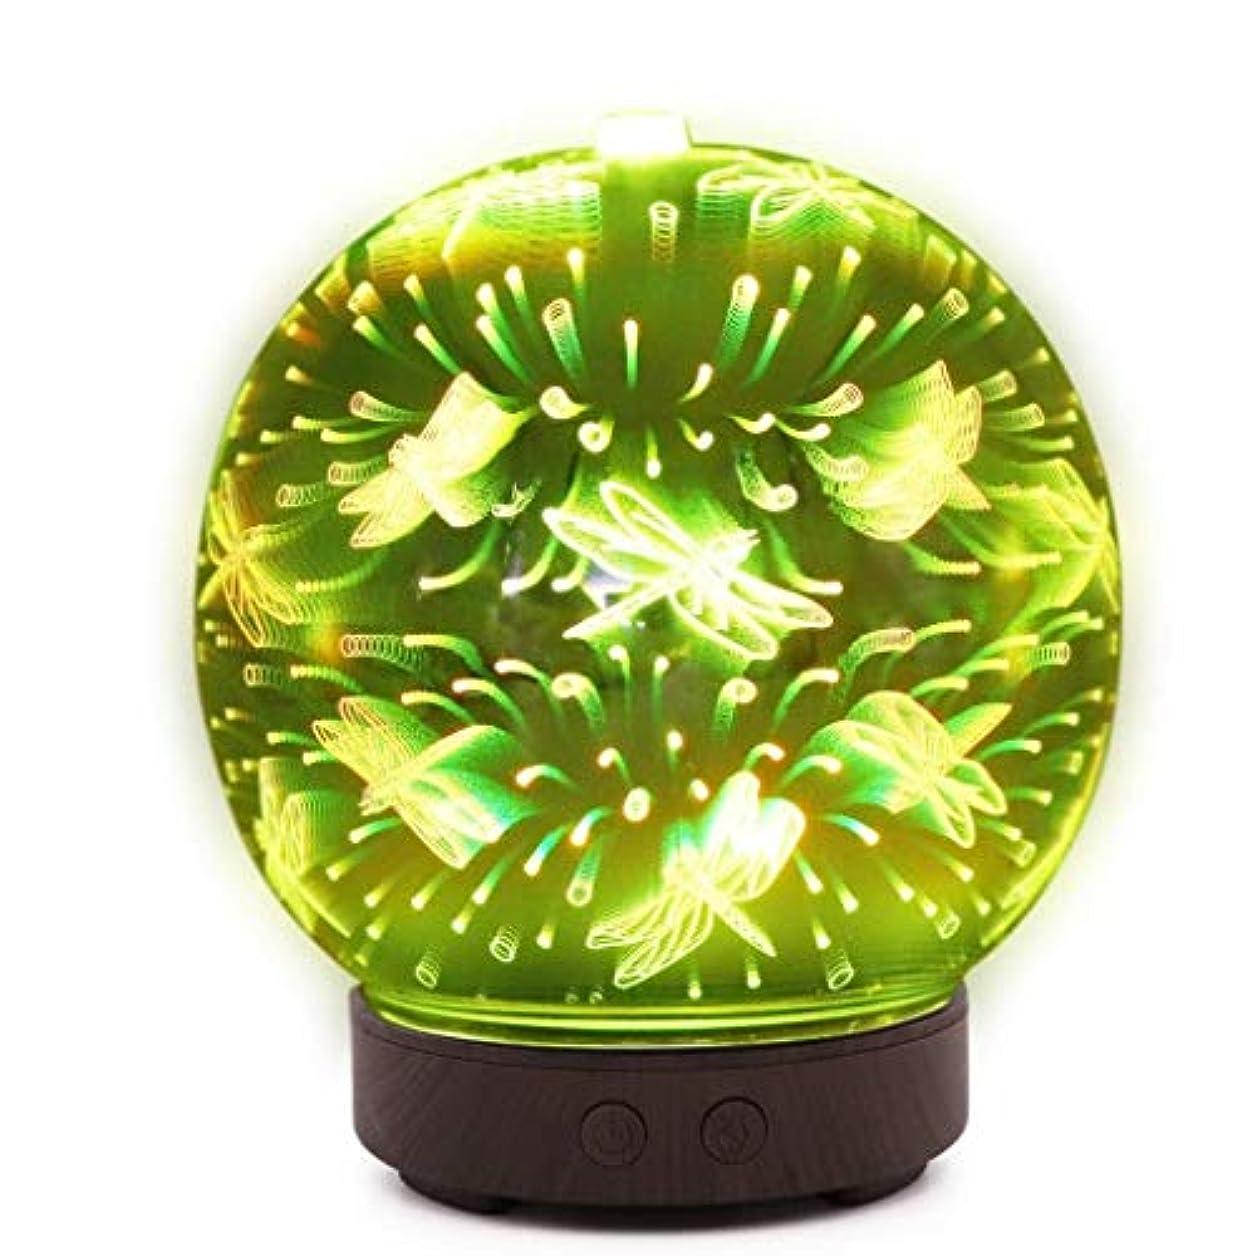 メロディー受動的オッズ自動シャットオフ機能付き100mlミストディフューザー、7色LEDライト&大型水タンク - ホームヨガの寝室のための3D効果ナイトライトアロマ加湿器 (Color : Dragonfly Pattern)